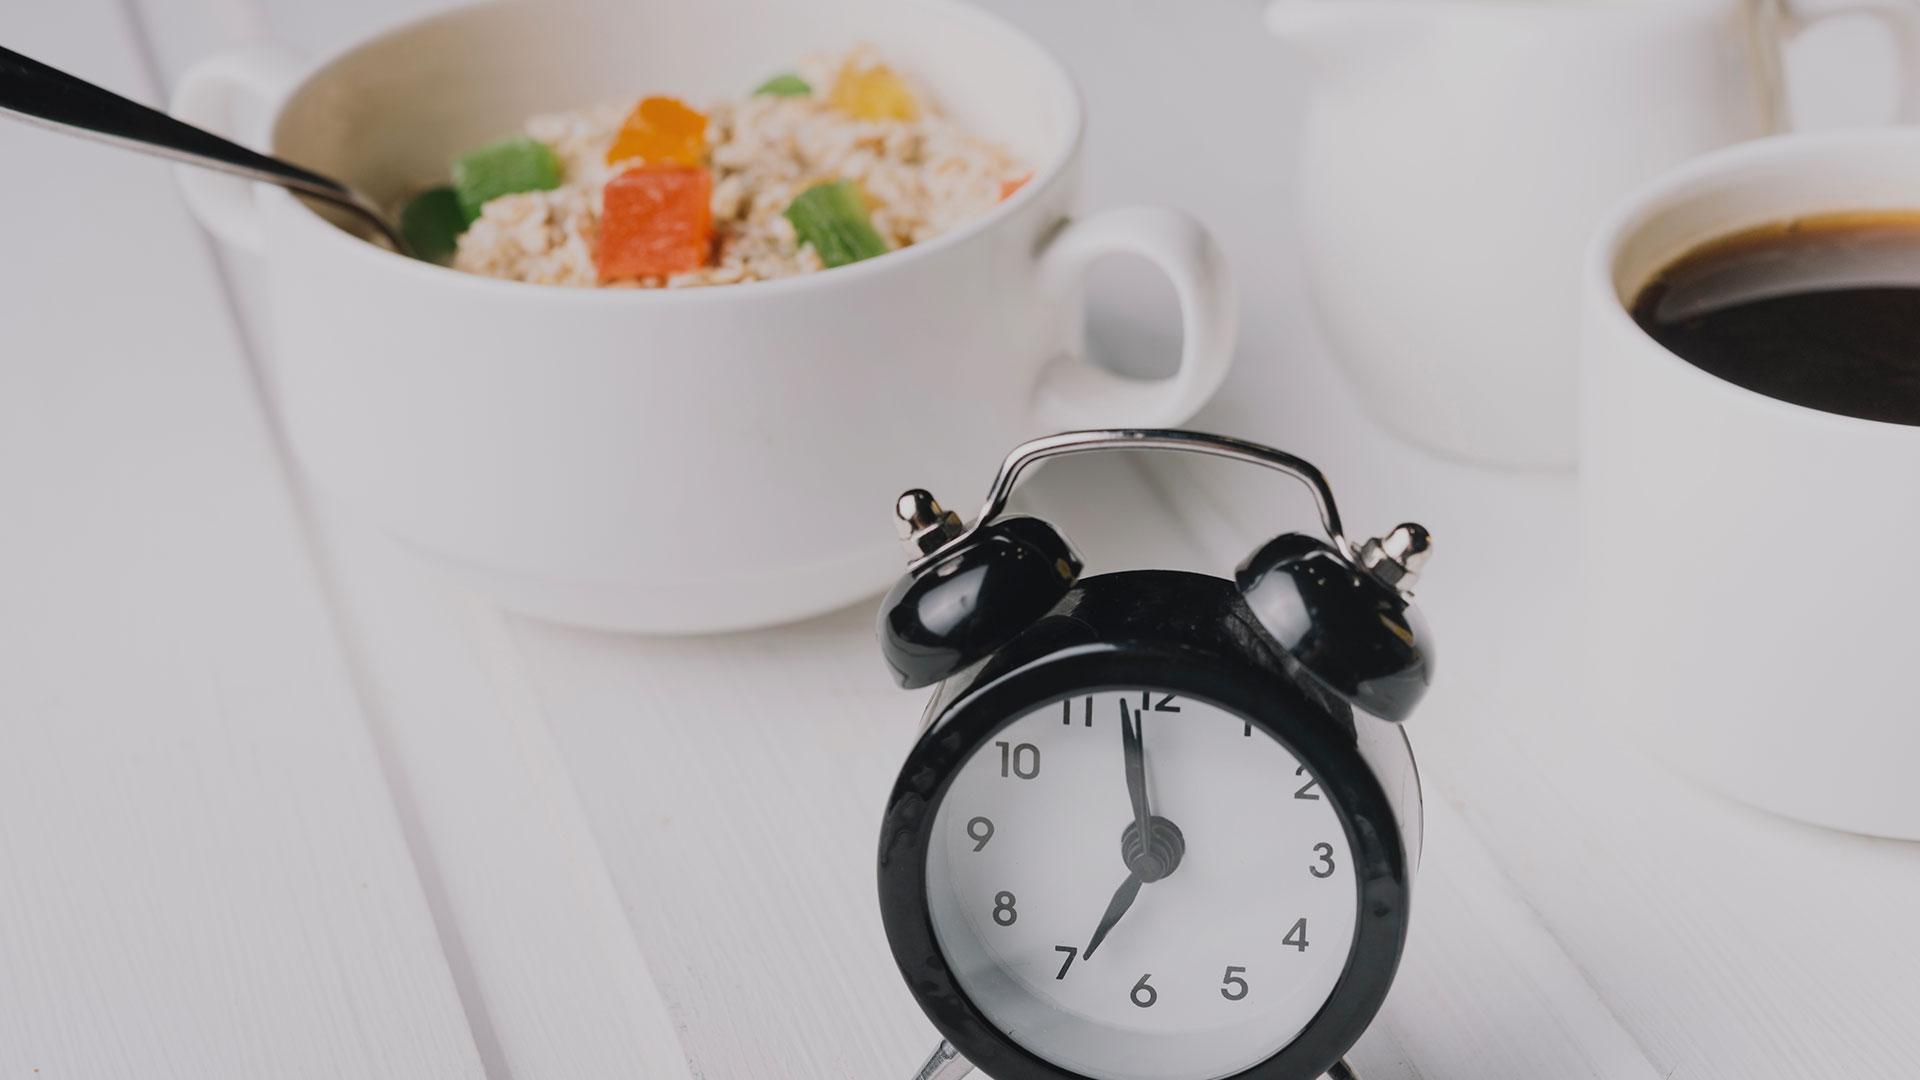 Hvor ofte bør man spise?